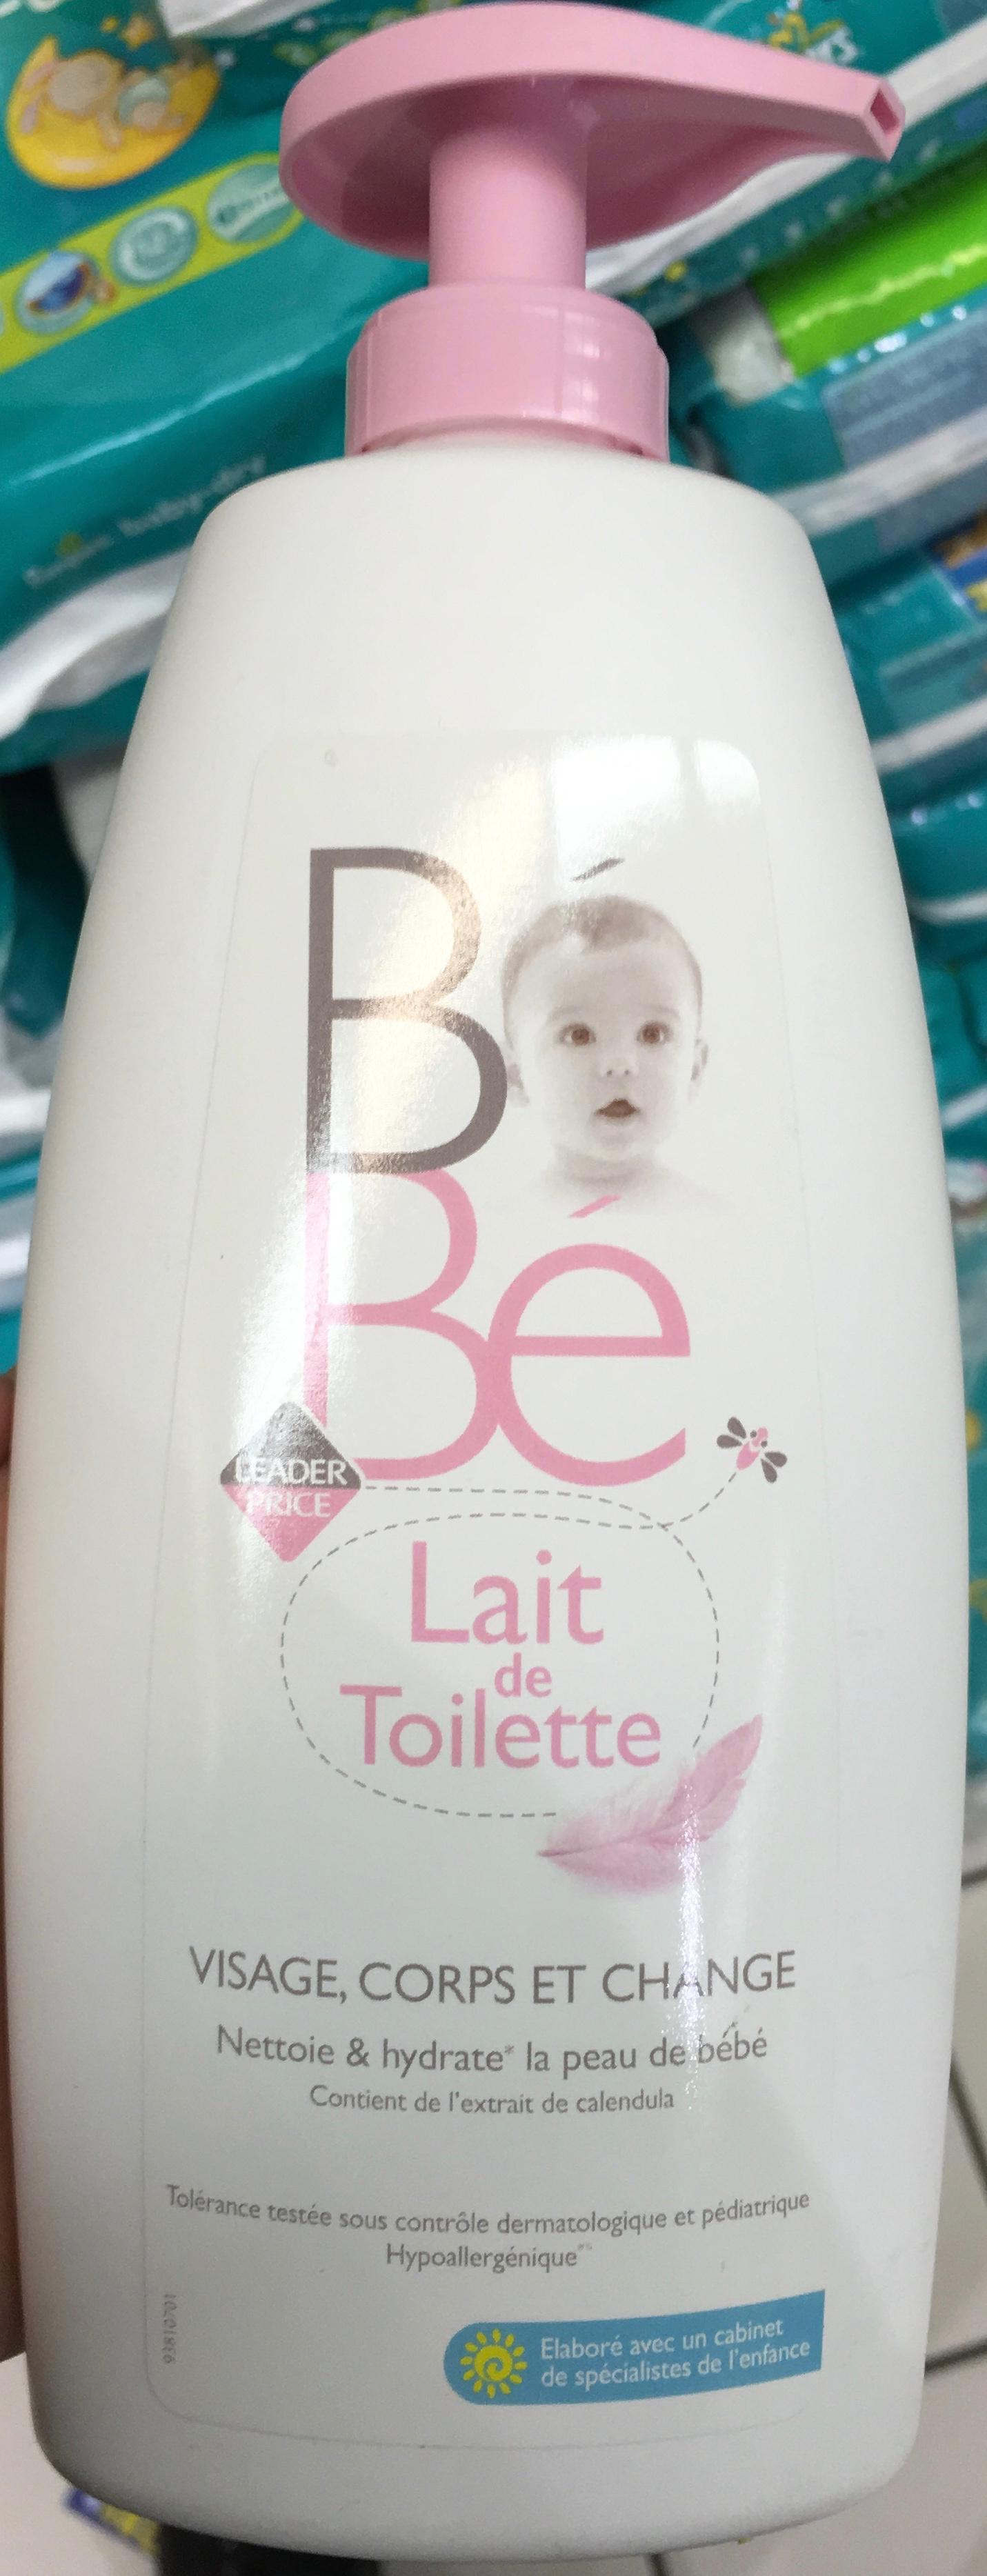 Bébé Lait de Toilette Visage, Corps et Change - Produit - fr